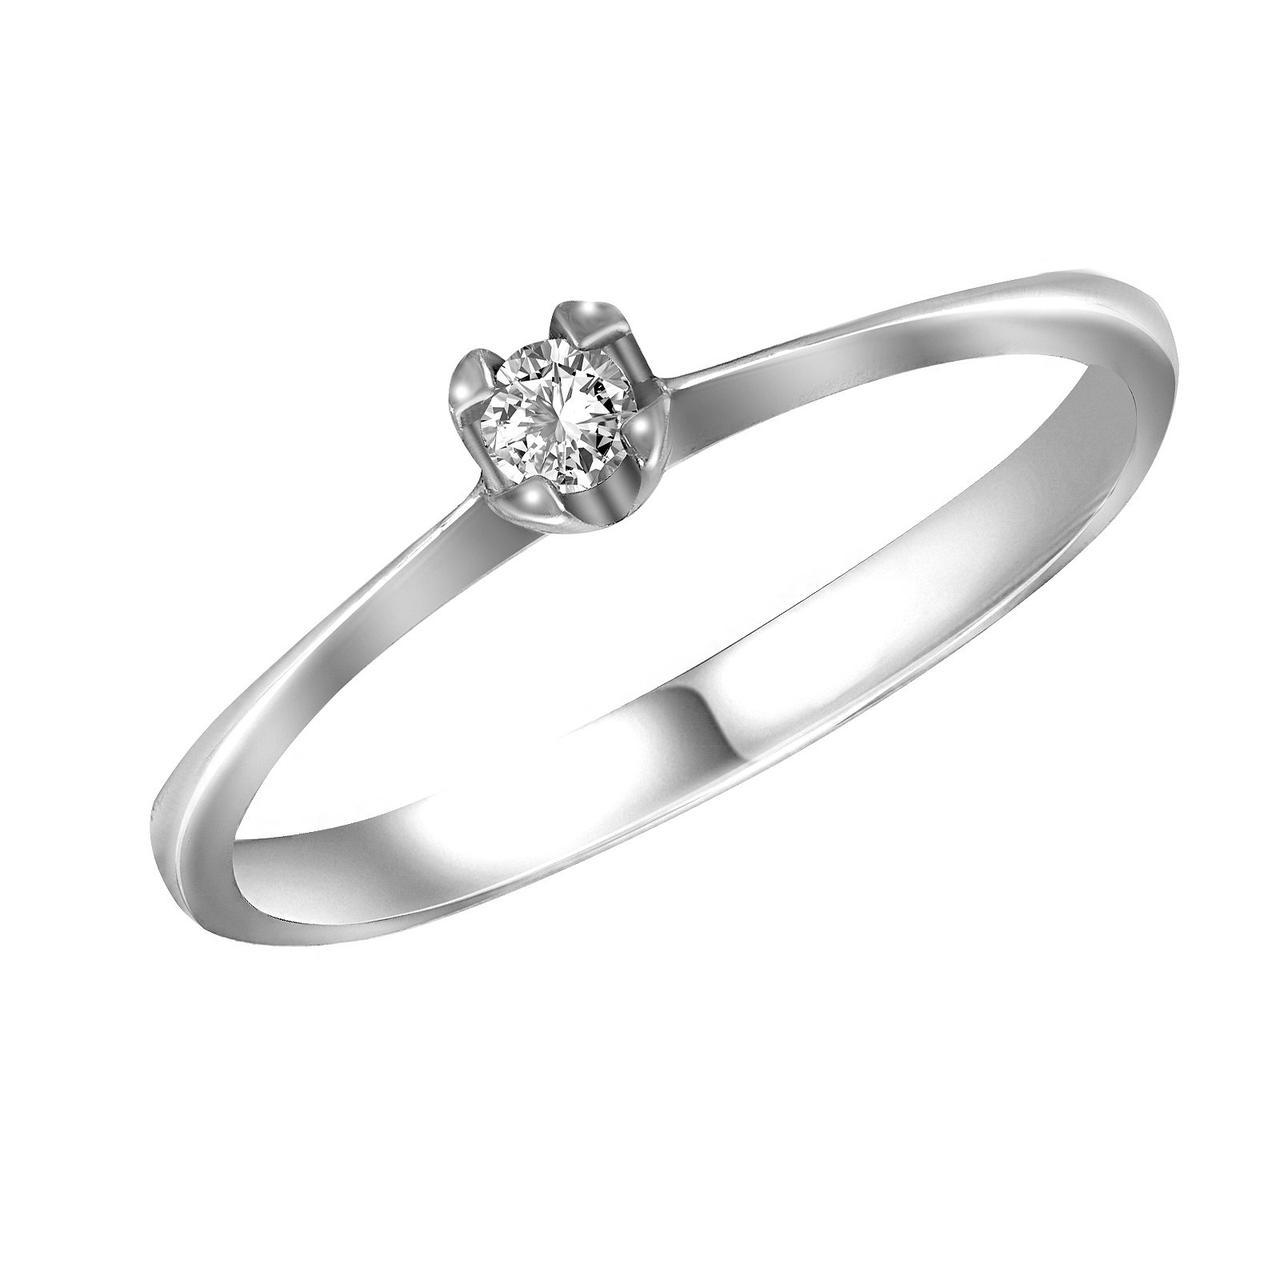 Кольцо из белого золота с бриллиантом, размер 16.5 (1746564)